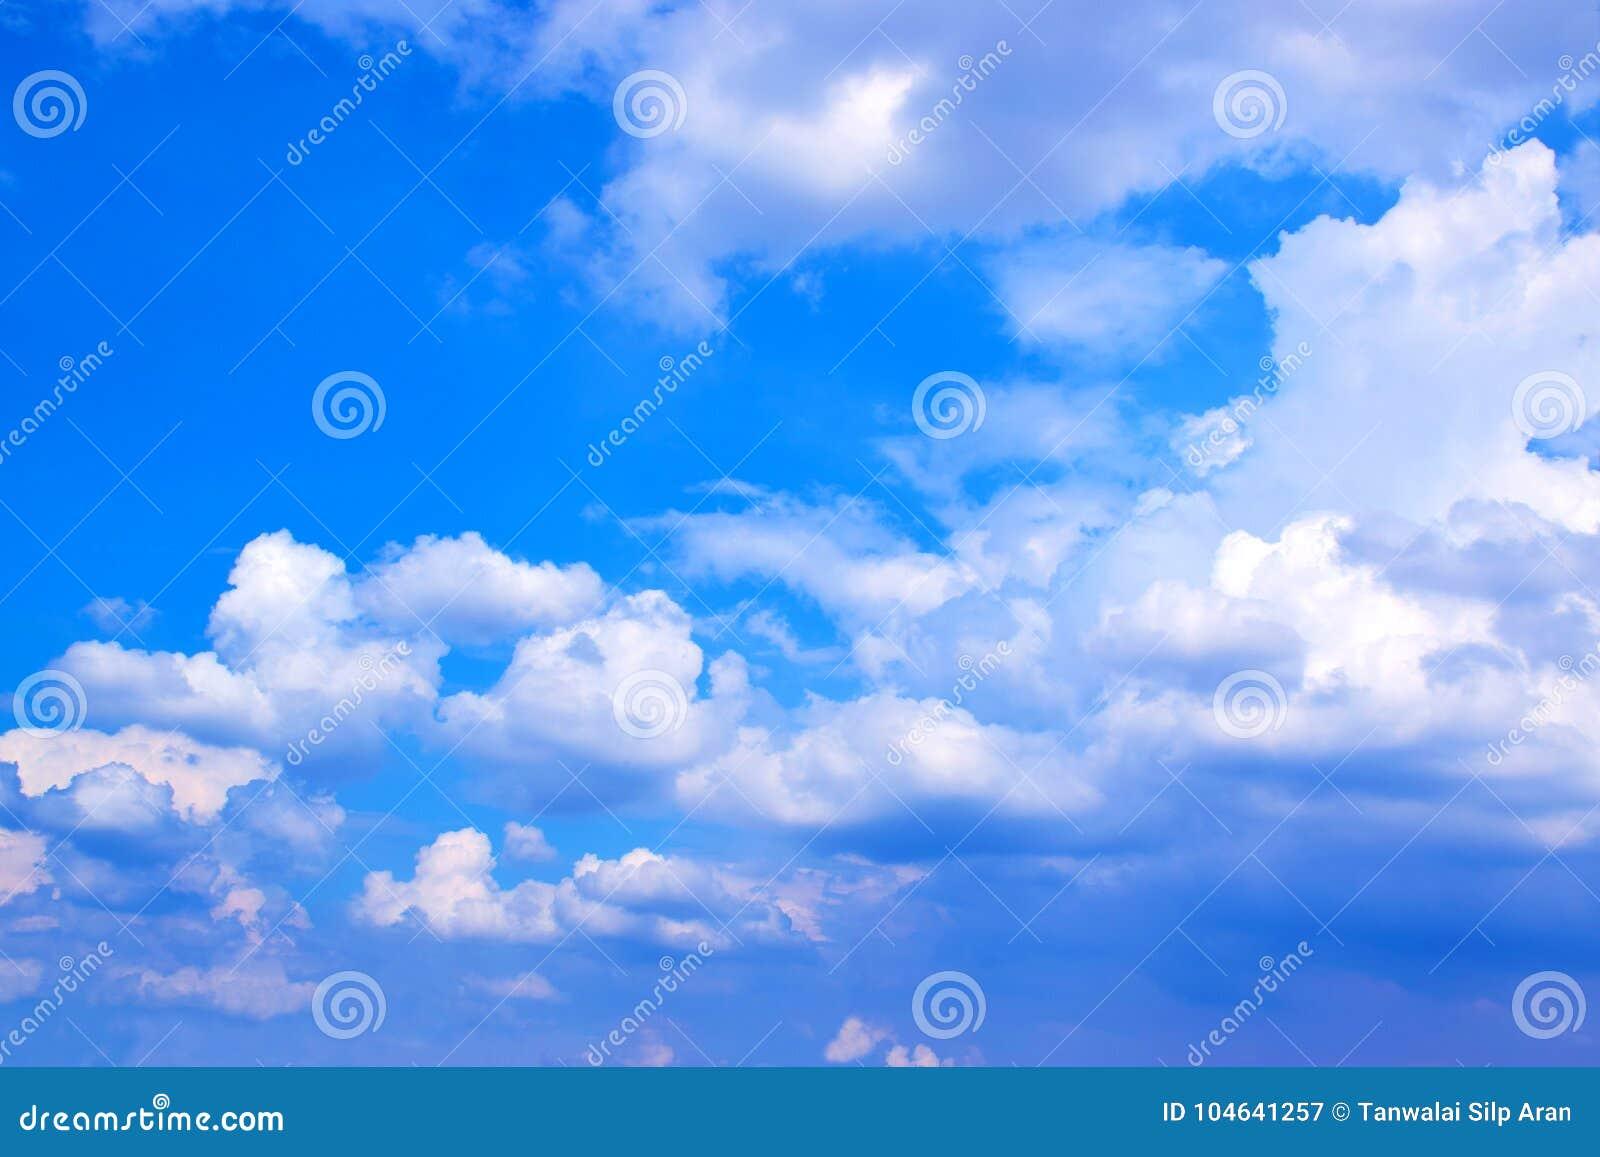 Download Blauwe Hemel Met Wolkenachtergrond 171019 0177 Stock Afbeelding - Afbeelding bestaande uit cloudscape, ruimte: 104641257